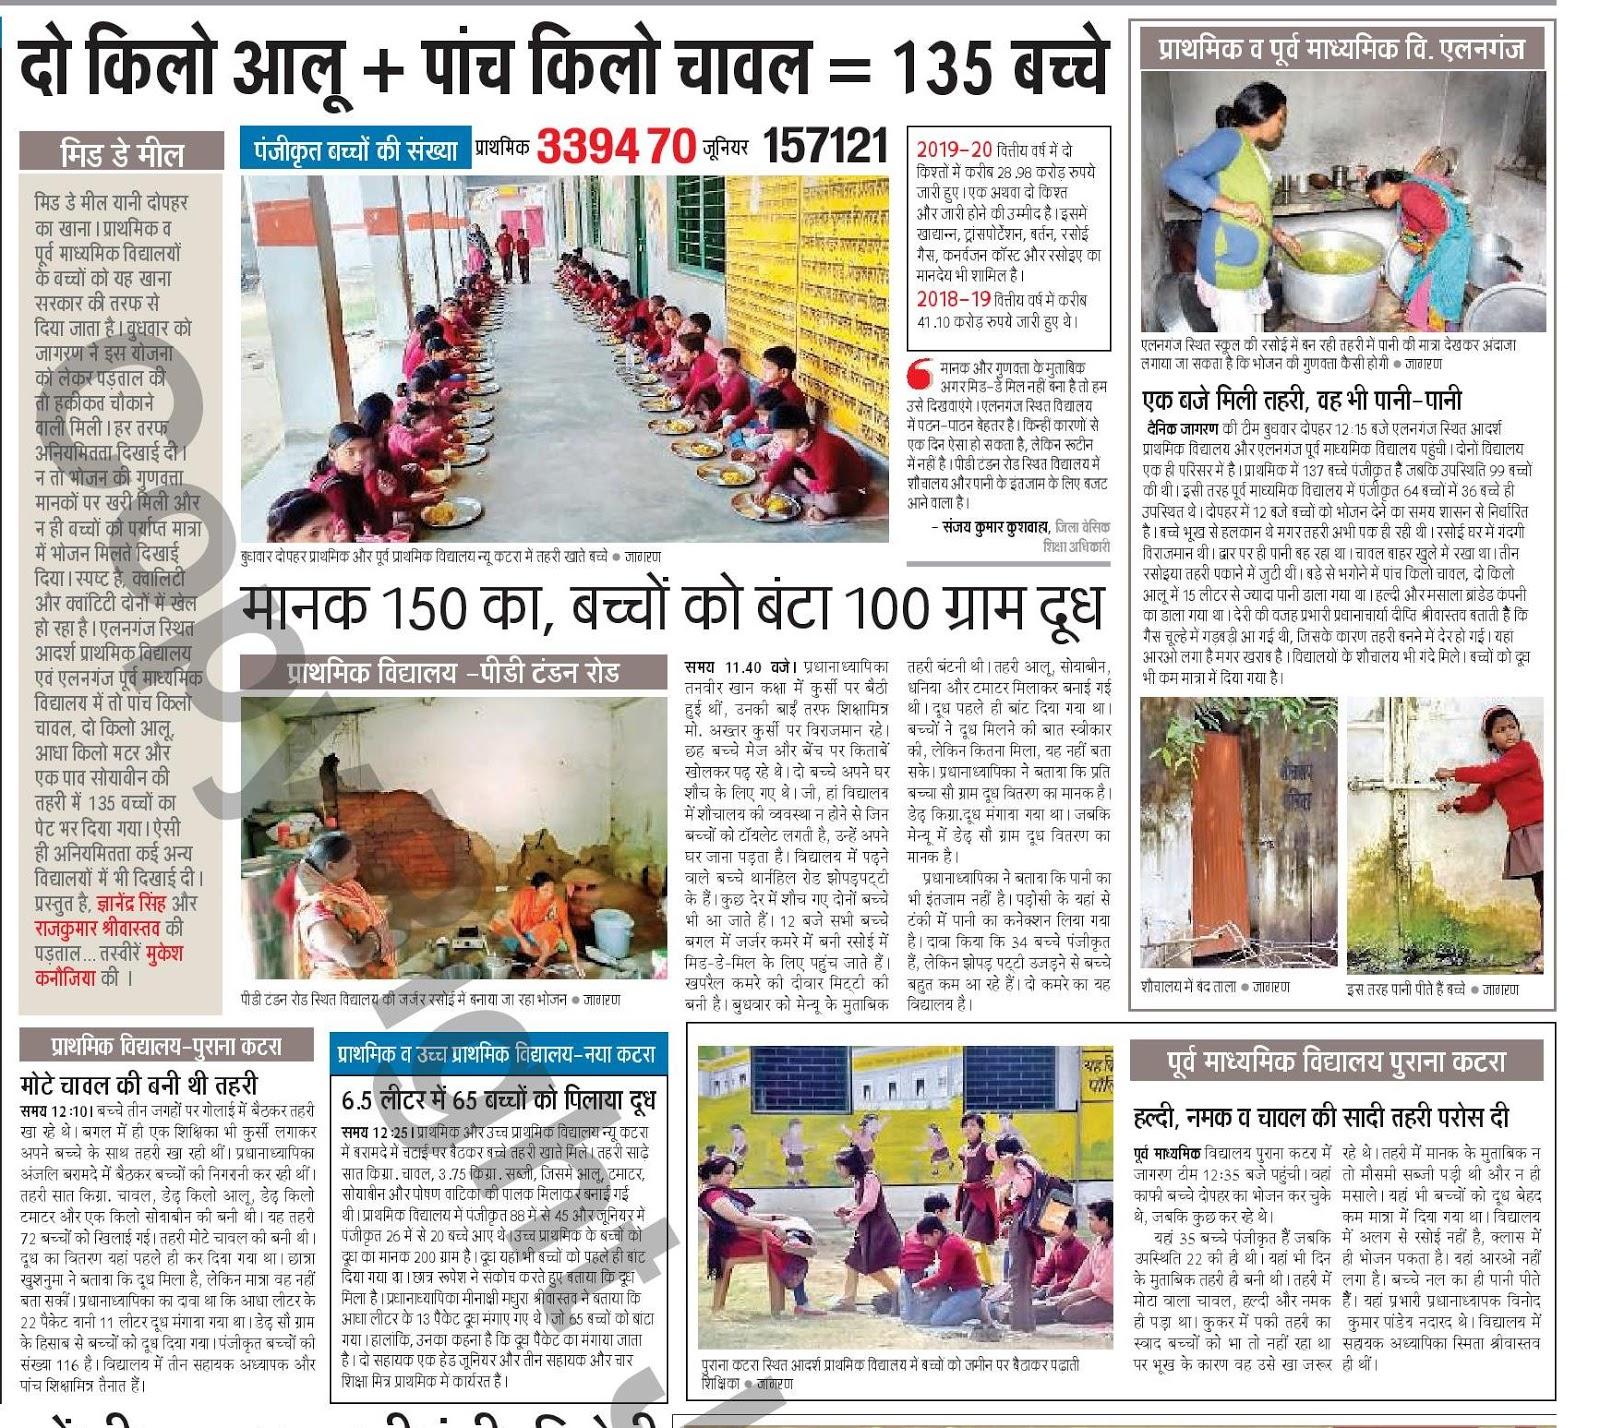 सरकारी स्कूलों बड़ी हेराफेरी: दो किलो आलू + 5 किलो चावल = 135 बच्चे